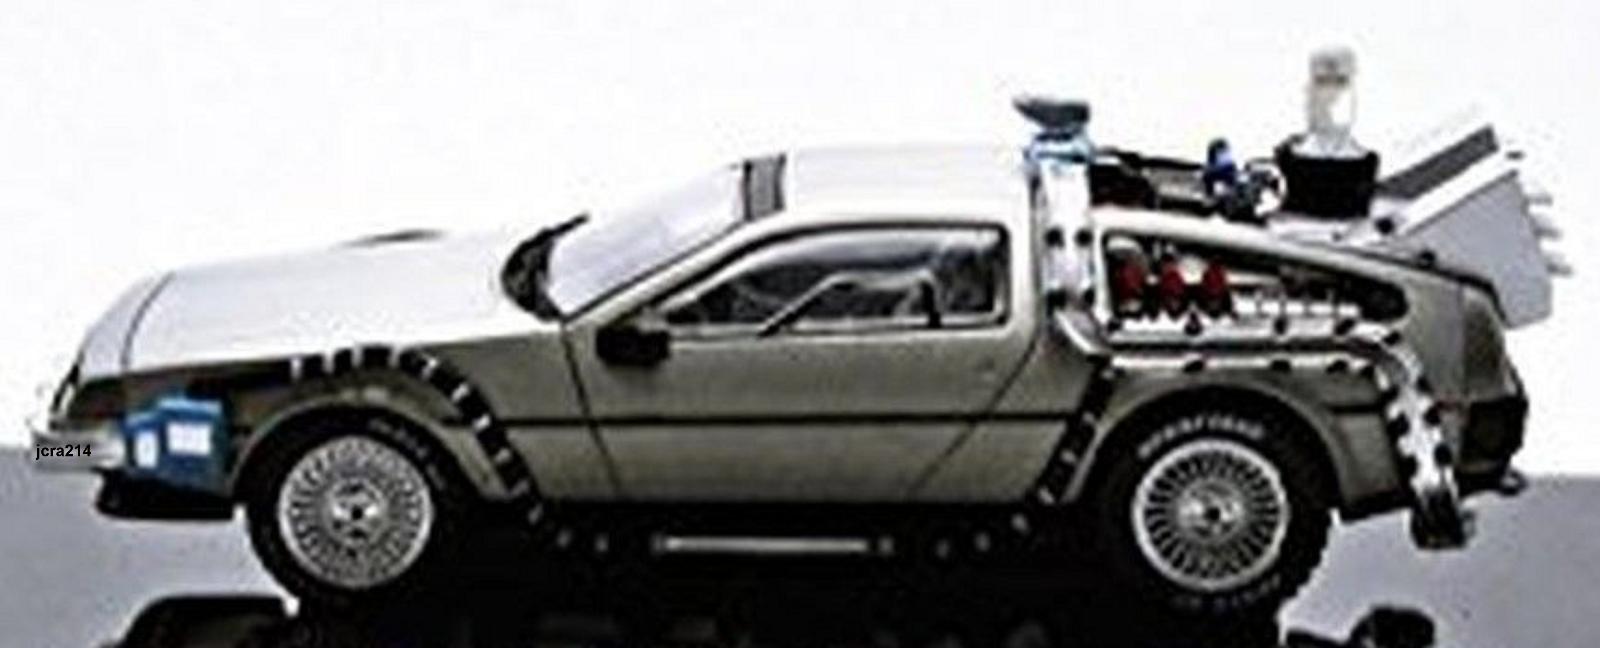 Delorean Back To The Future Time Machine W Mr Fusion 1 43 By Elite Hot Wheels Ebay Delorean Back To The Future Hot Wheels